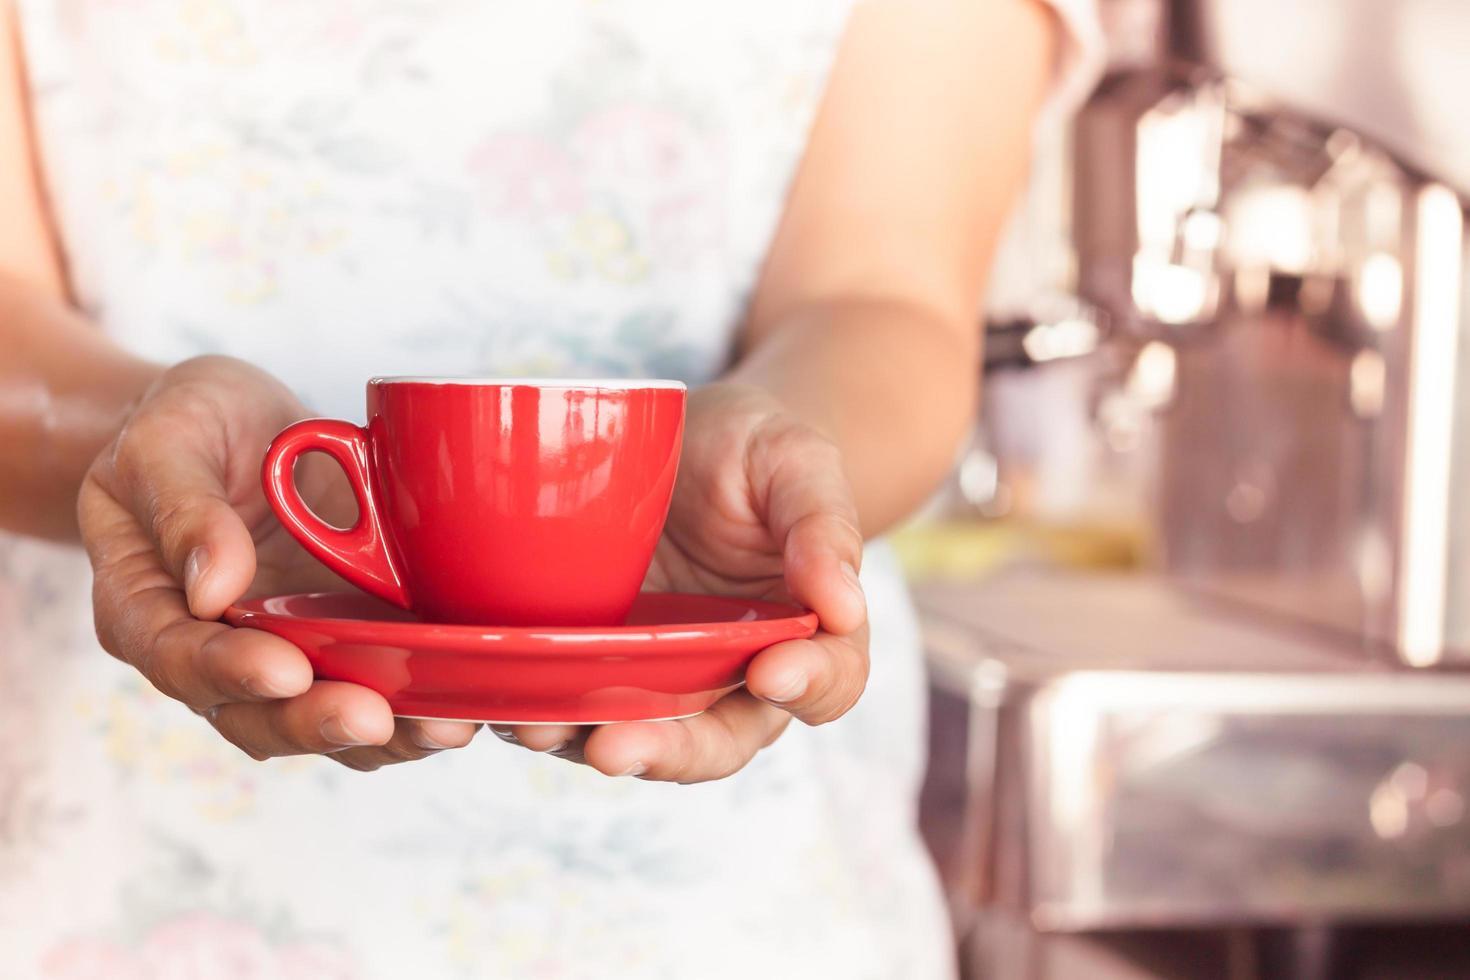 Frau hält eine rote Kaffeetasse foto